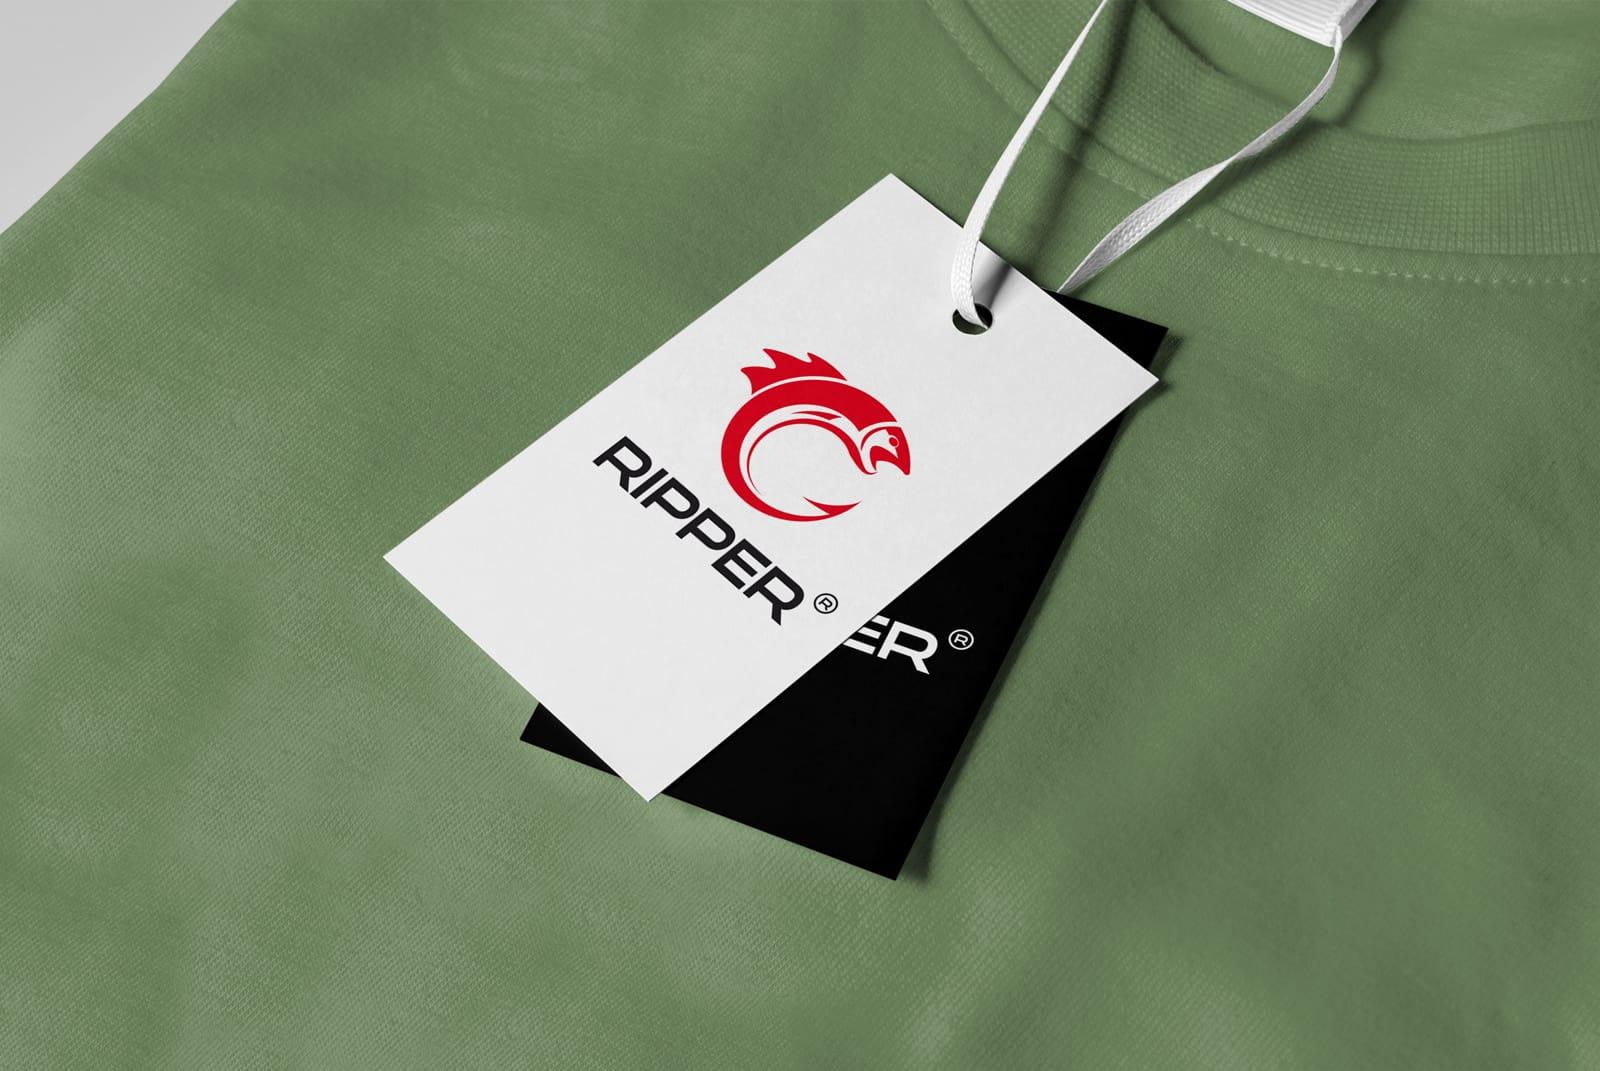 Ripper projektowanie logo firmowego marki Agencja brandingowa Moweli Creative